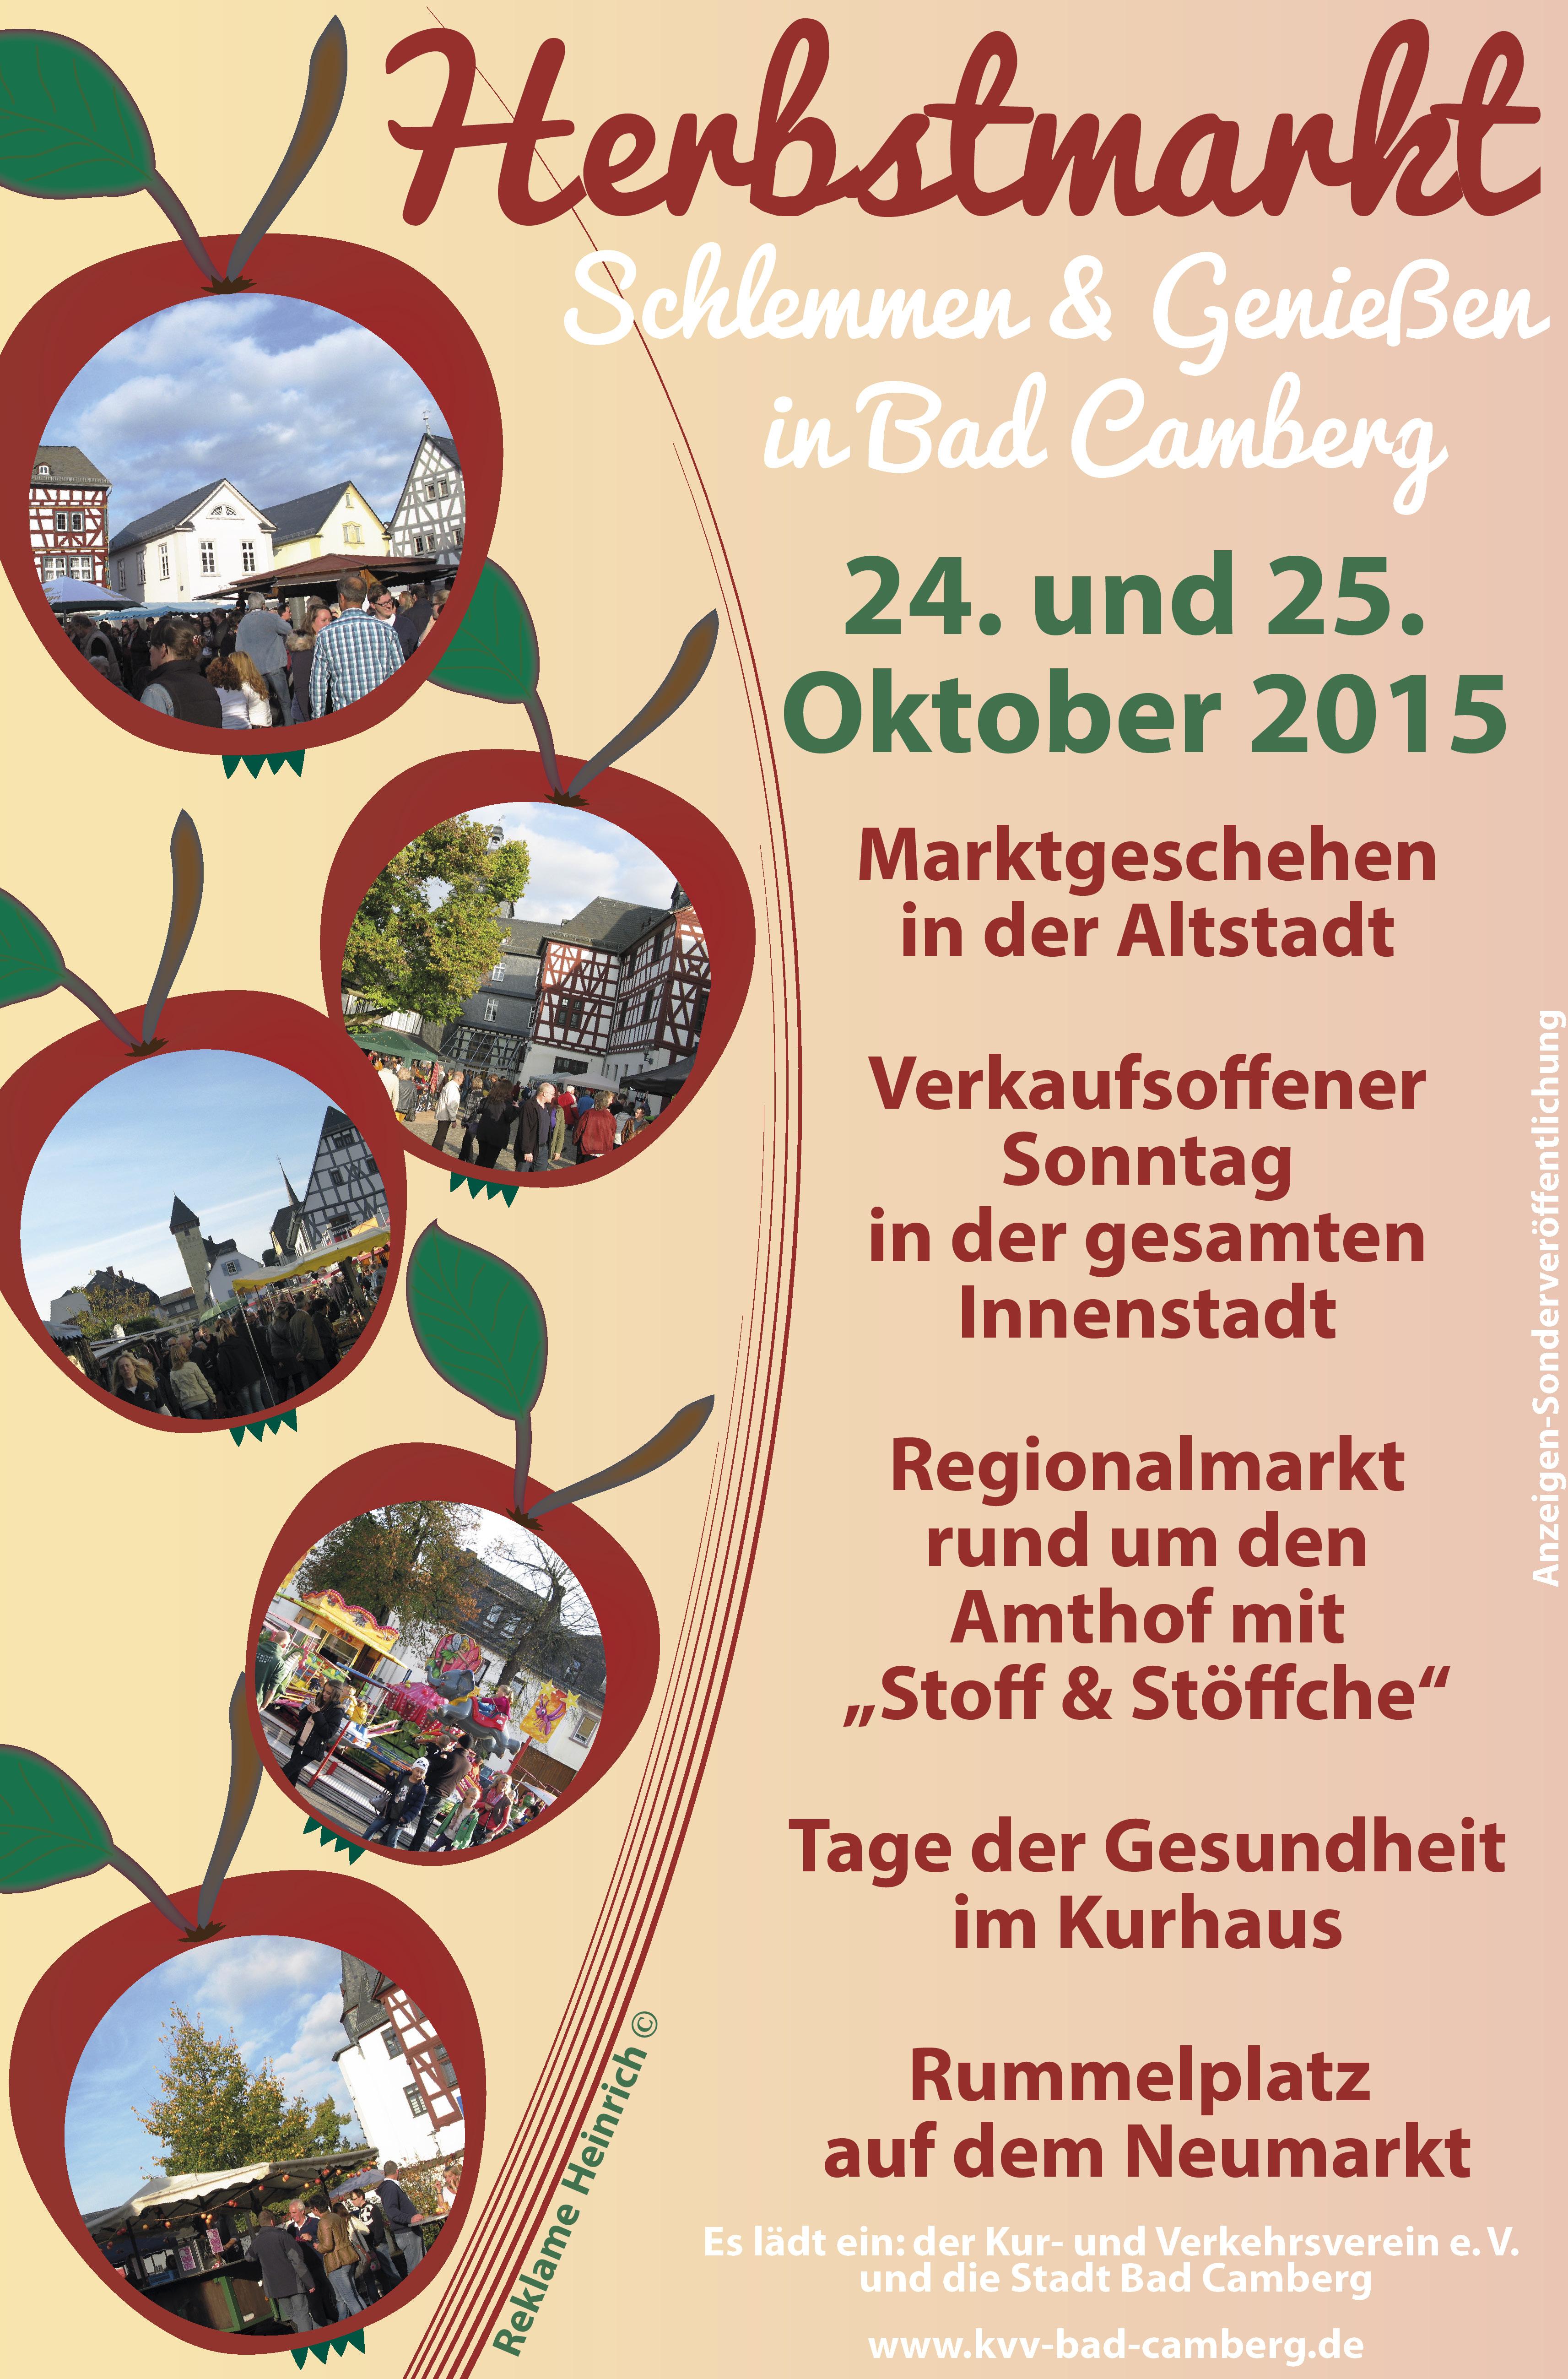 Herbstmarkt 2015